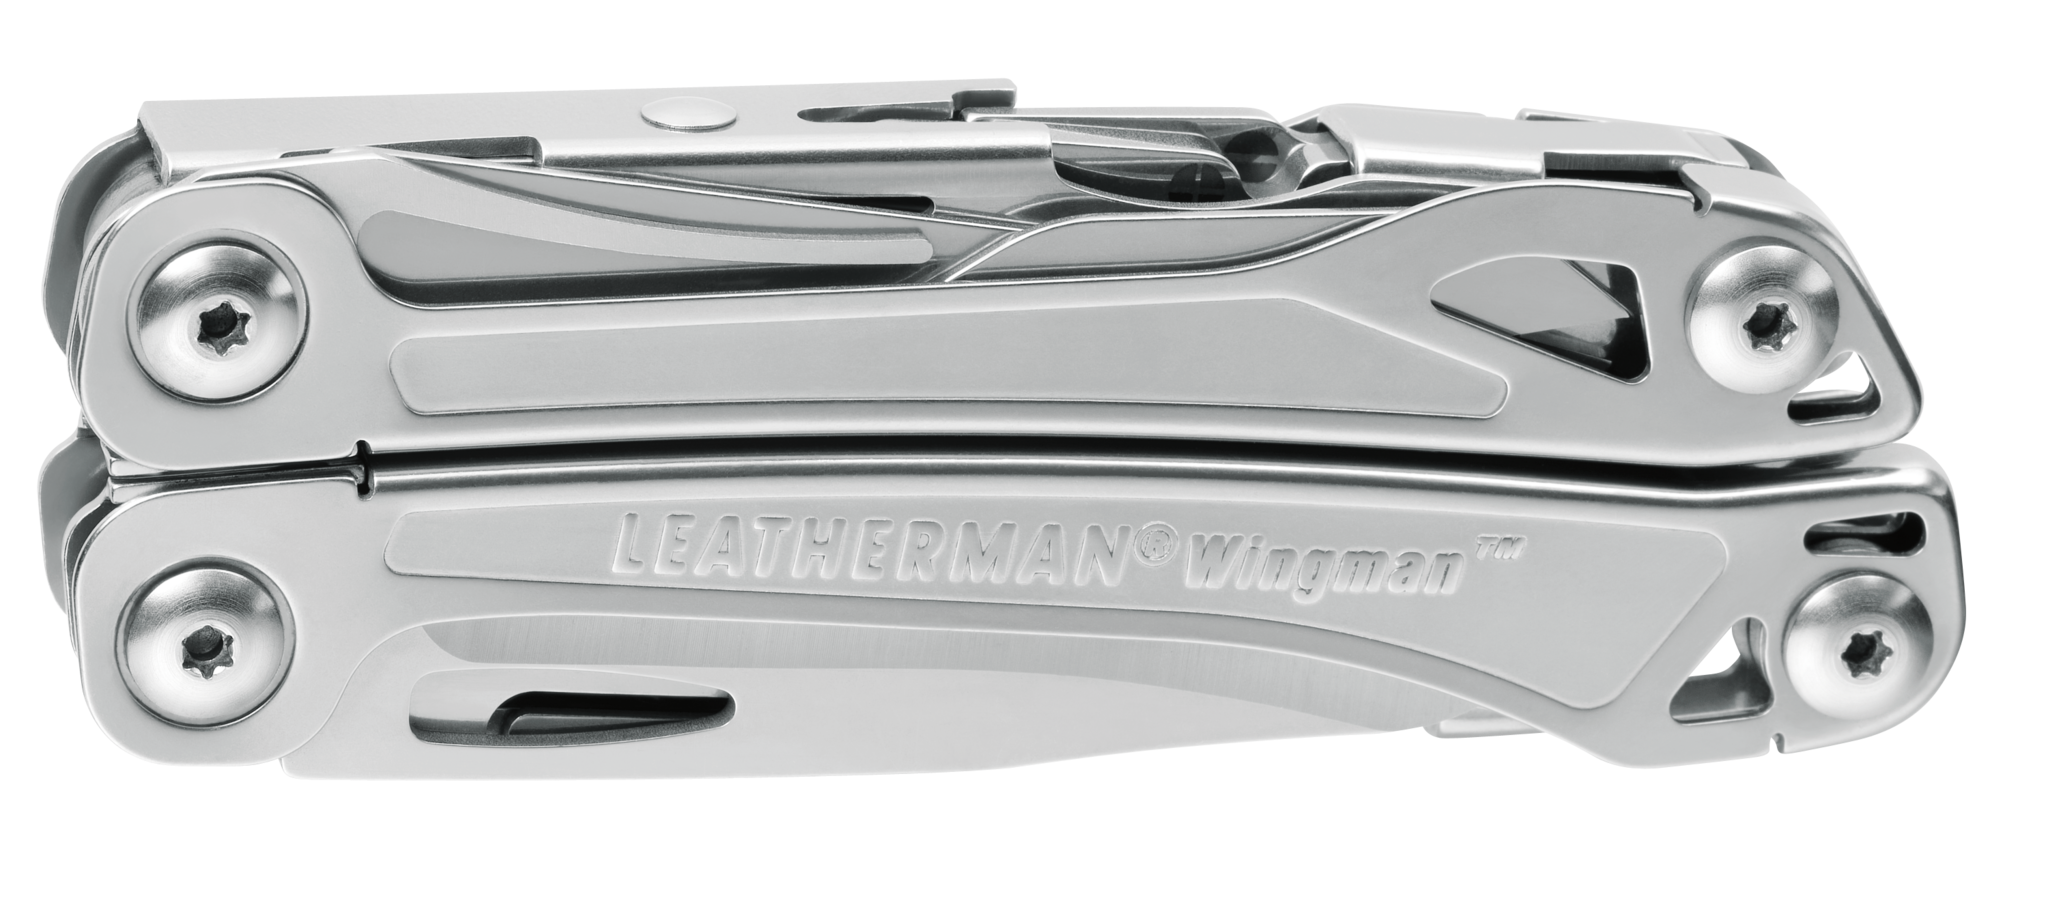 Мультитул Leatherman Wingman, 14 функций